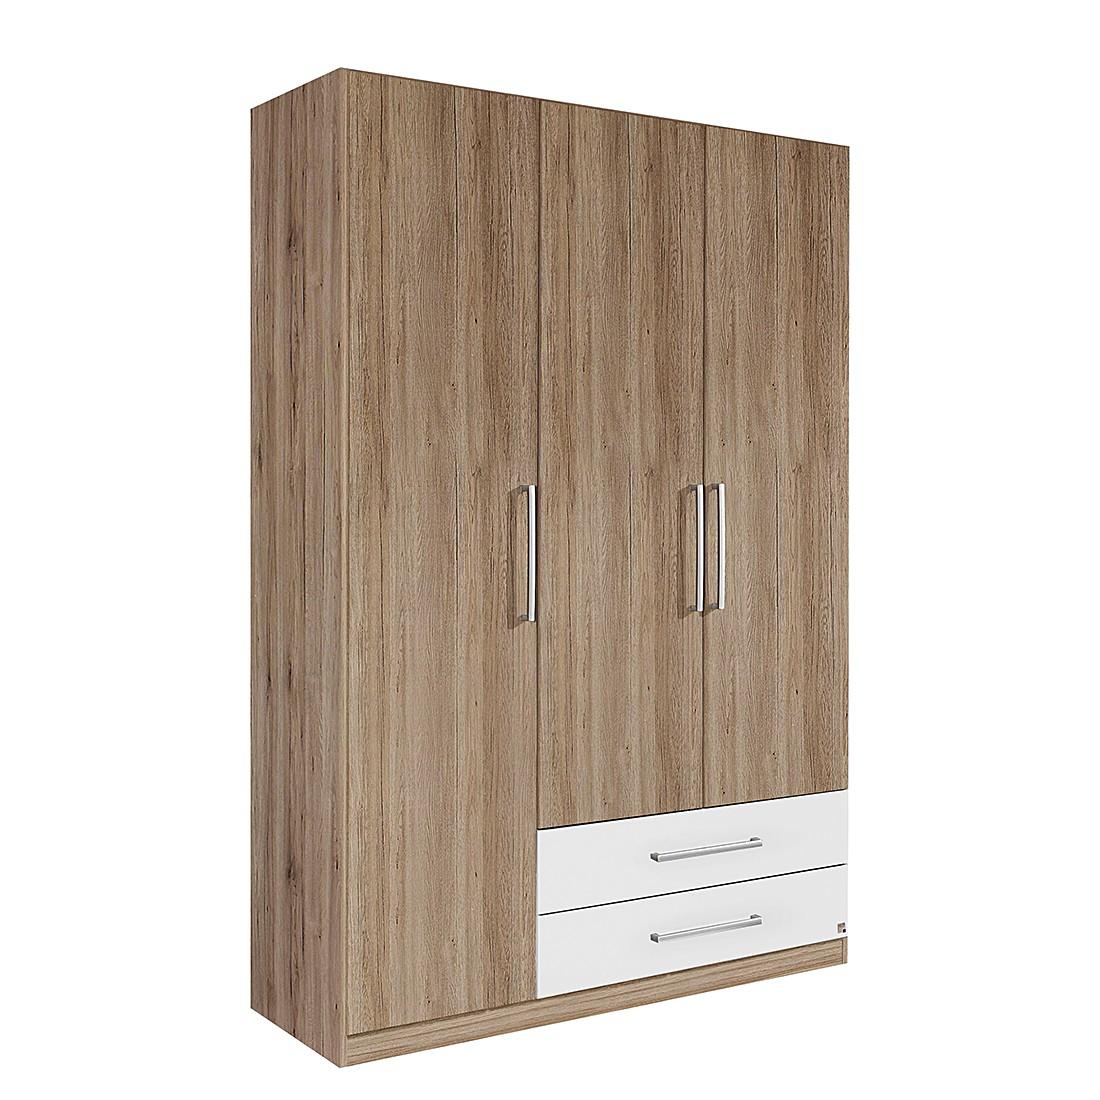 Draaideurkast Potsdam - San Remo eikenhouten look/alpinewit - 91cm (2-deurs) - 210cm, Rauch Packs